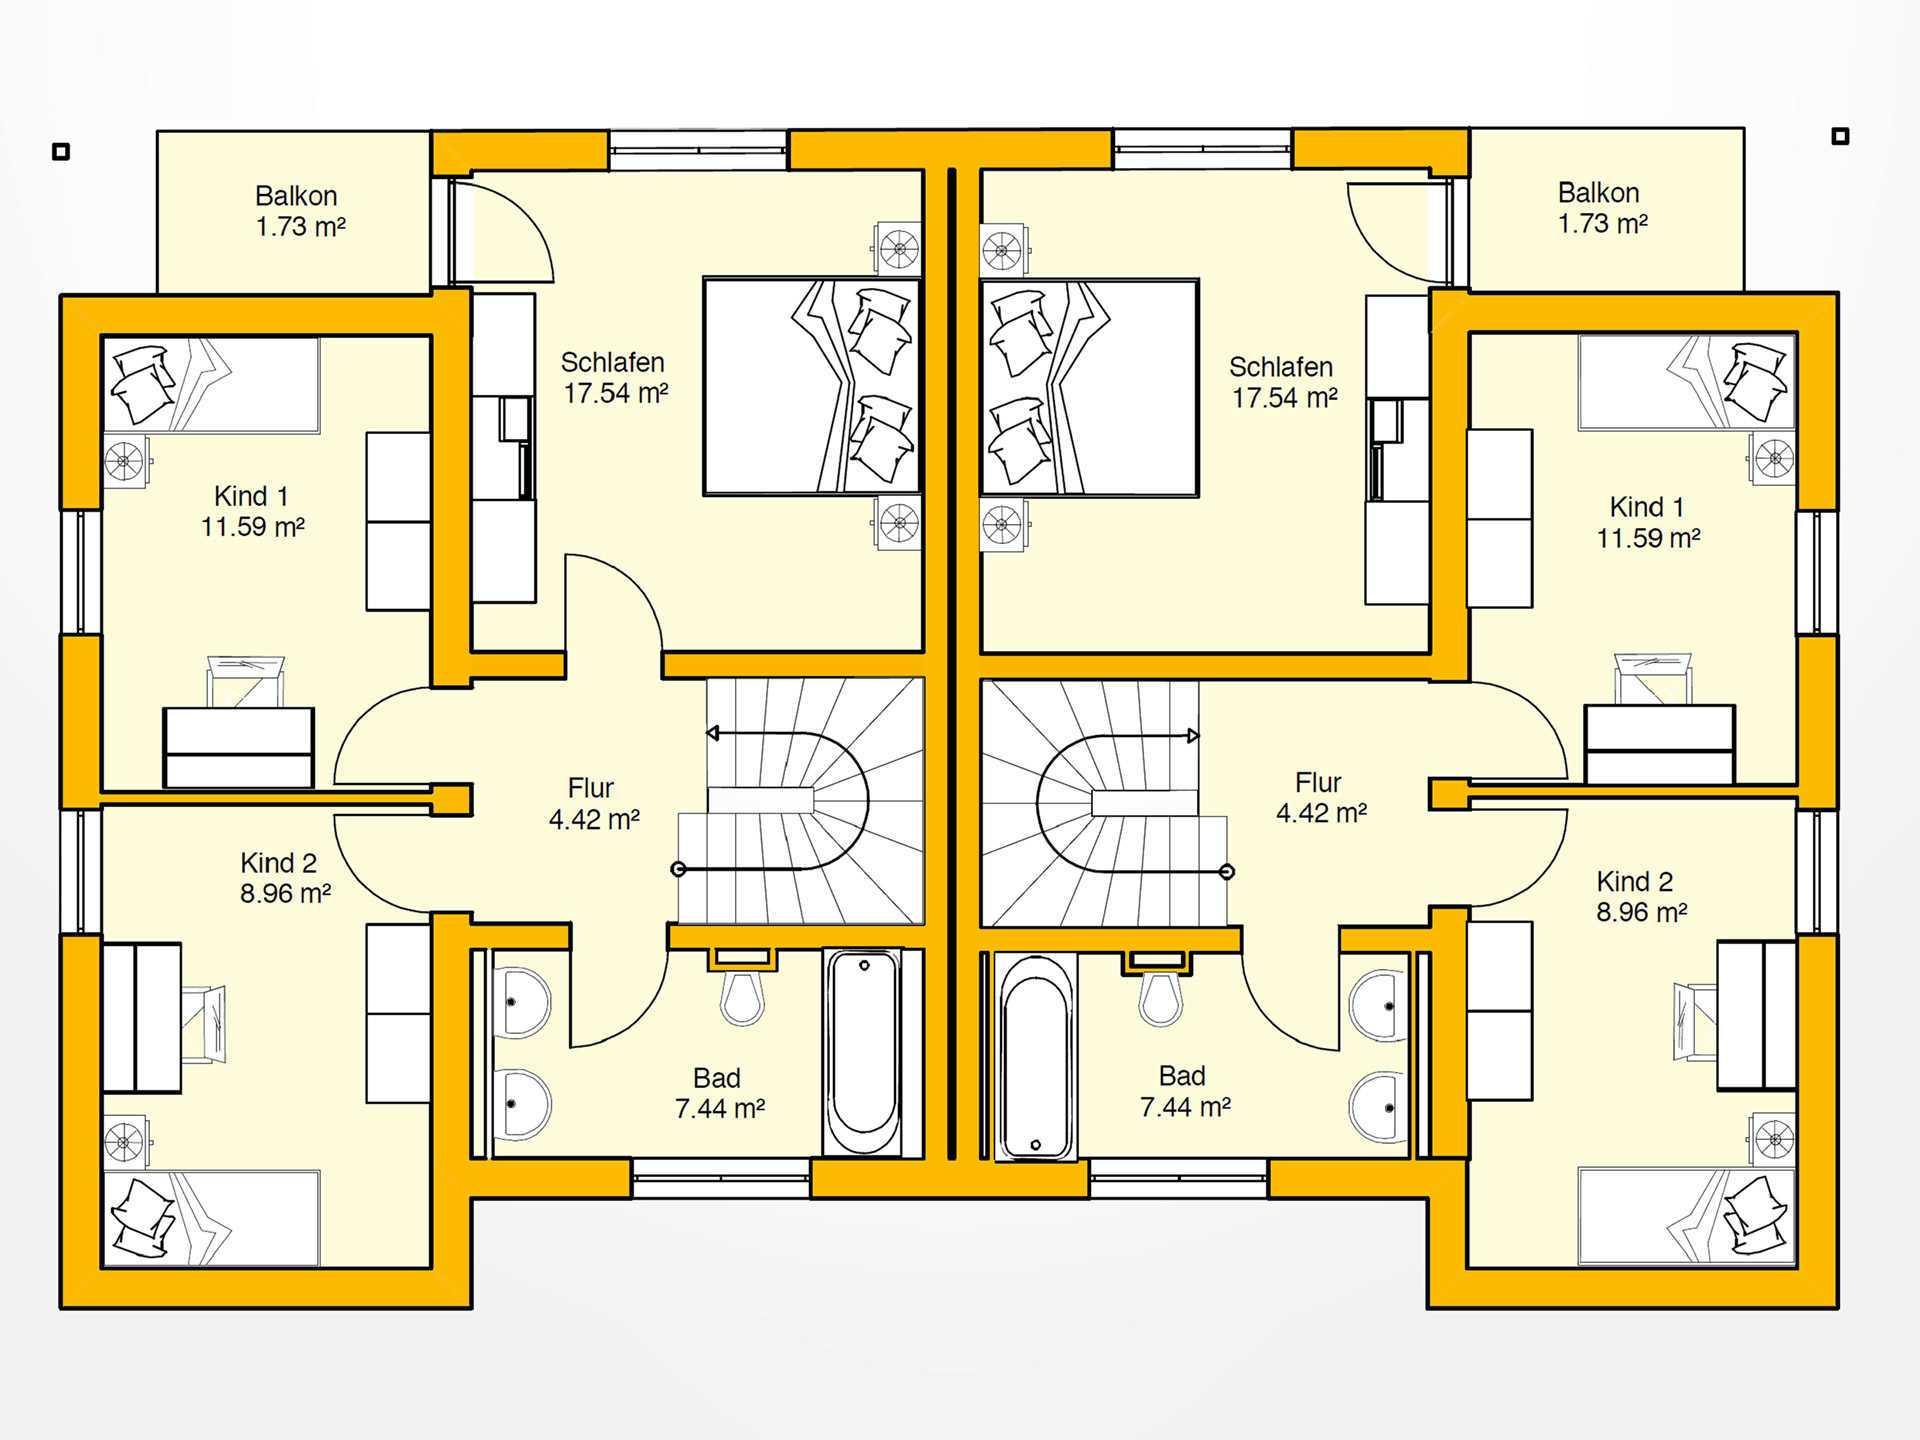 Obergeschoss Beispielhaus 15.0